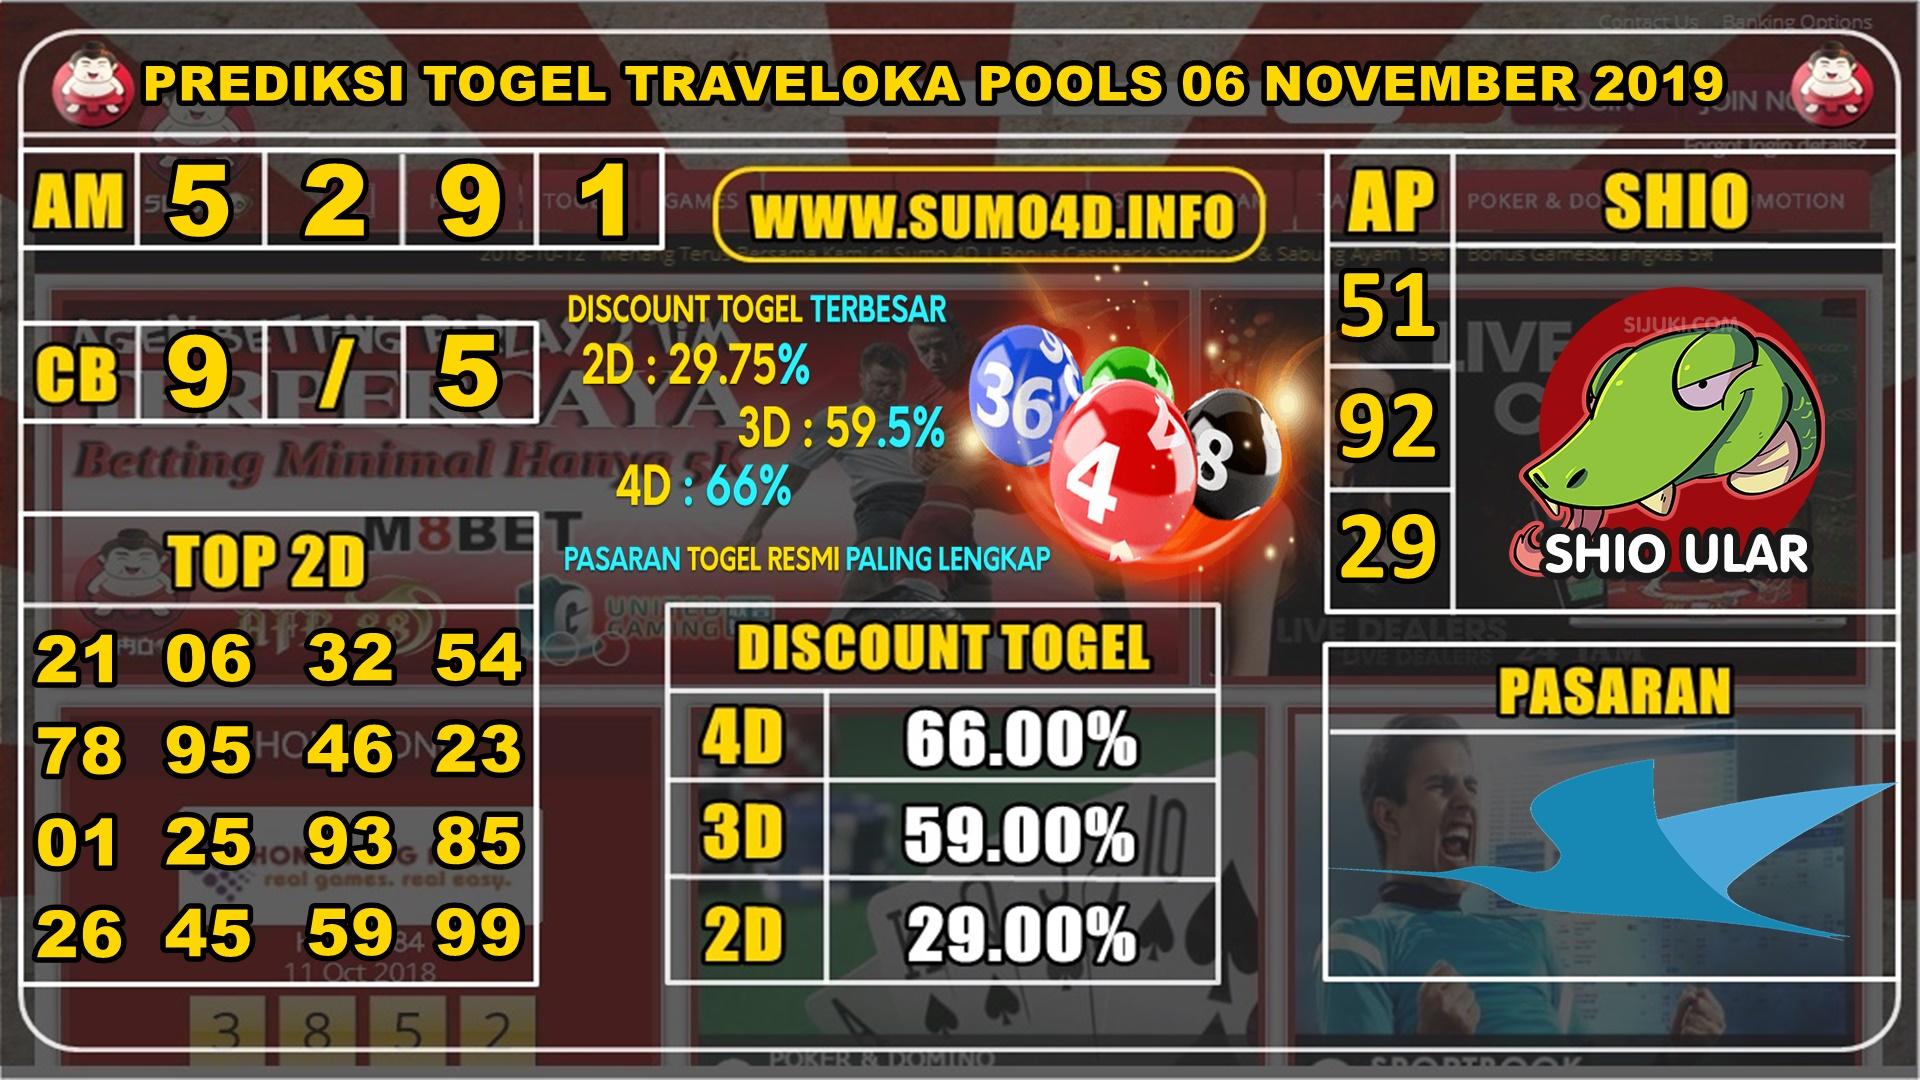 PREDIKSI TOGEL TRAVELOKA POOLS 06 NOVEMBER 2019